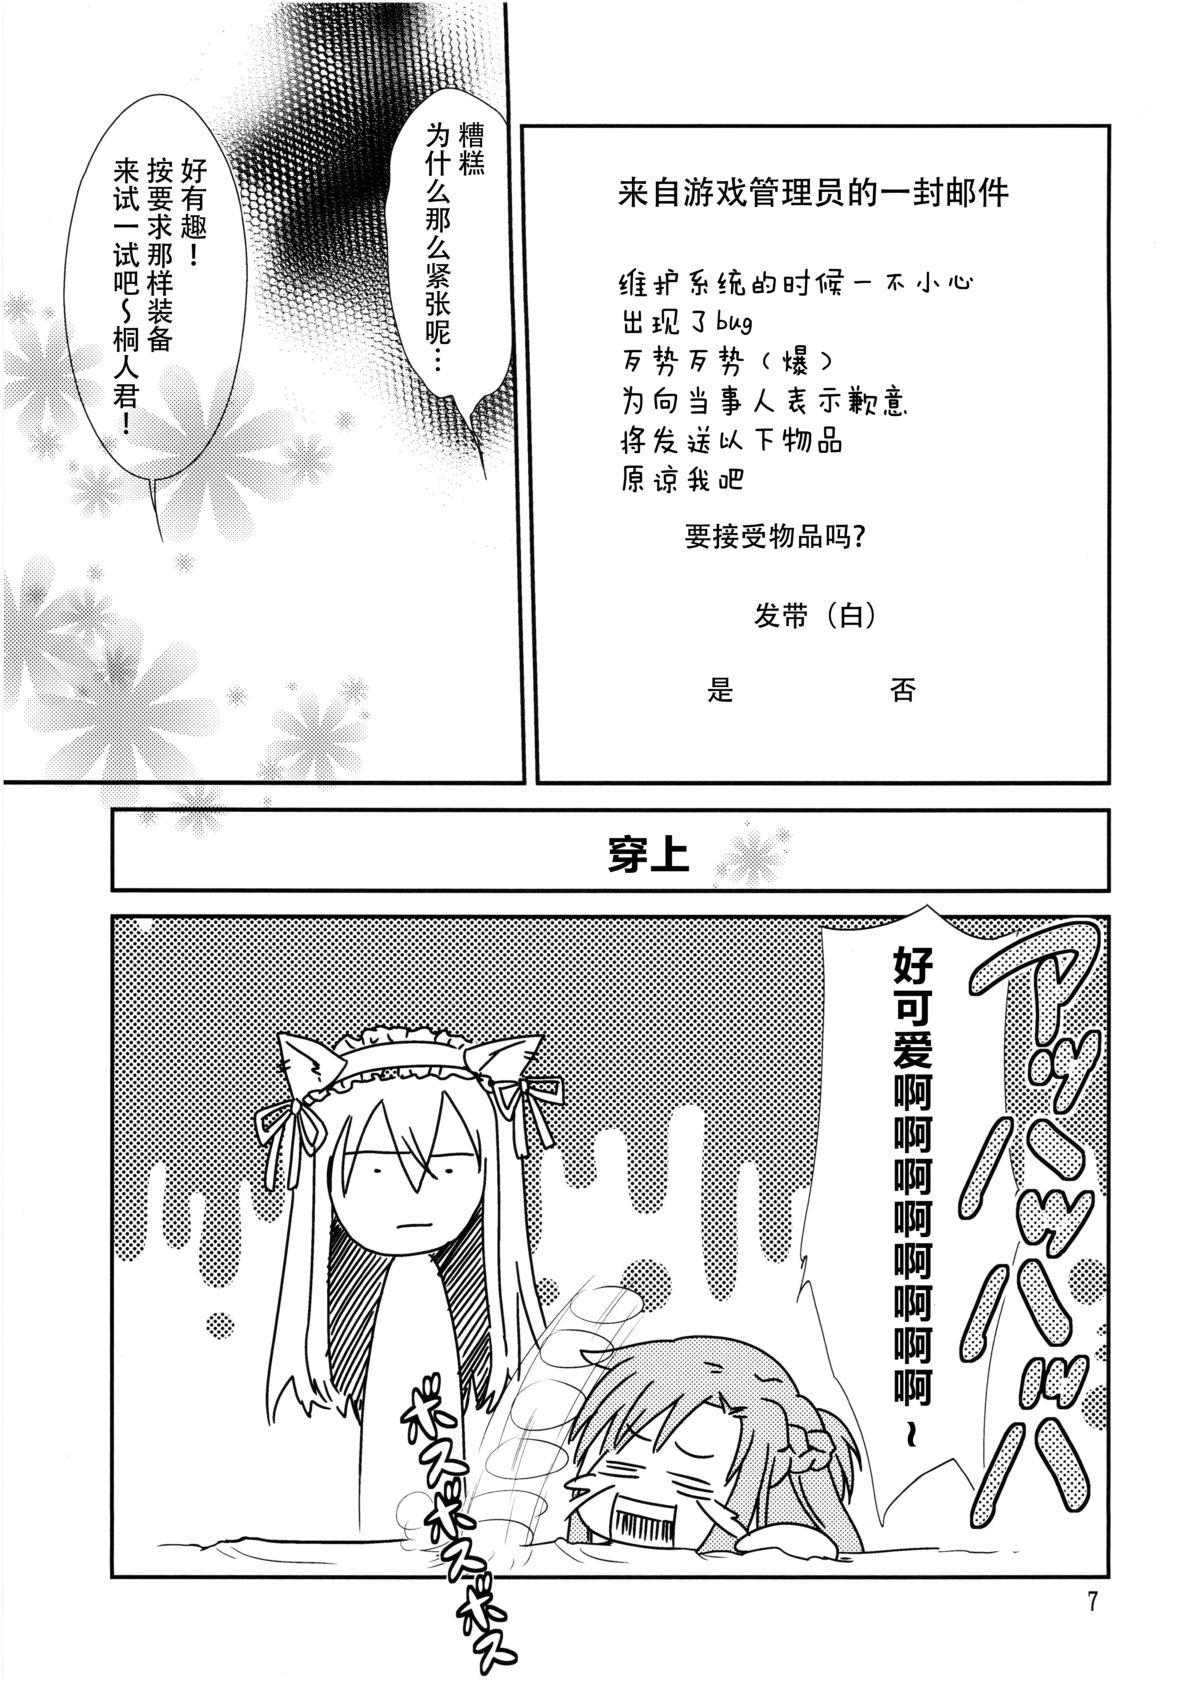 Kirito-kun no Shiroku Betatsuku nani ka 4